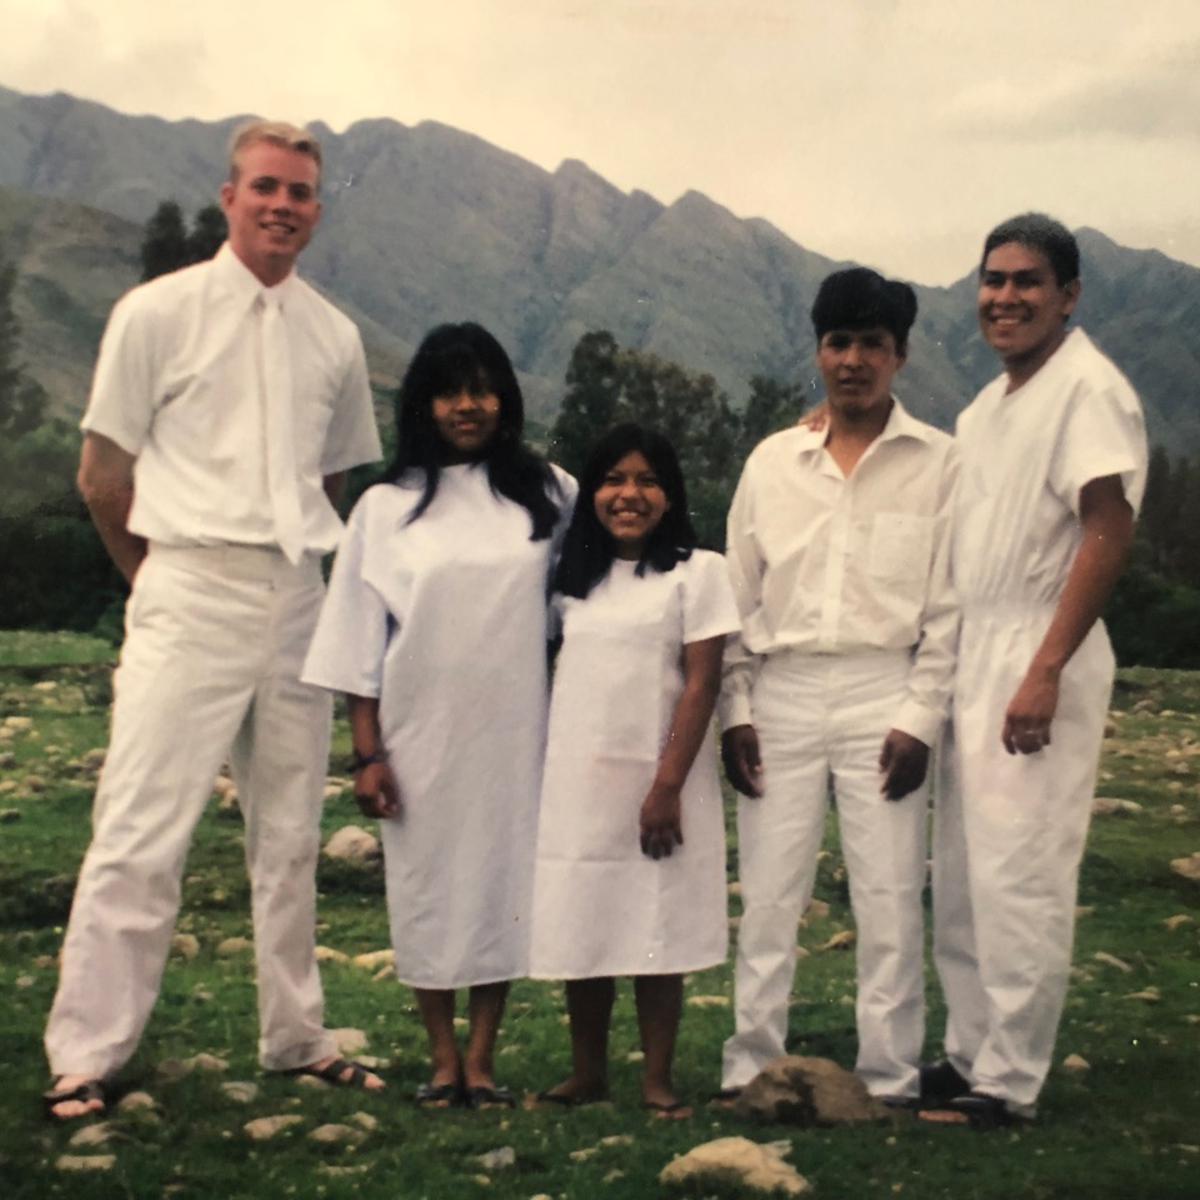 Davis Smith y la familia Sanchez en el día de su bautismo